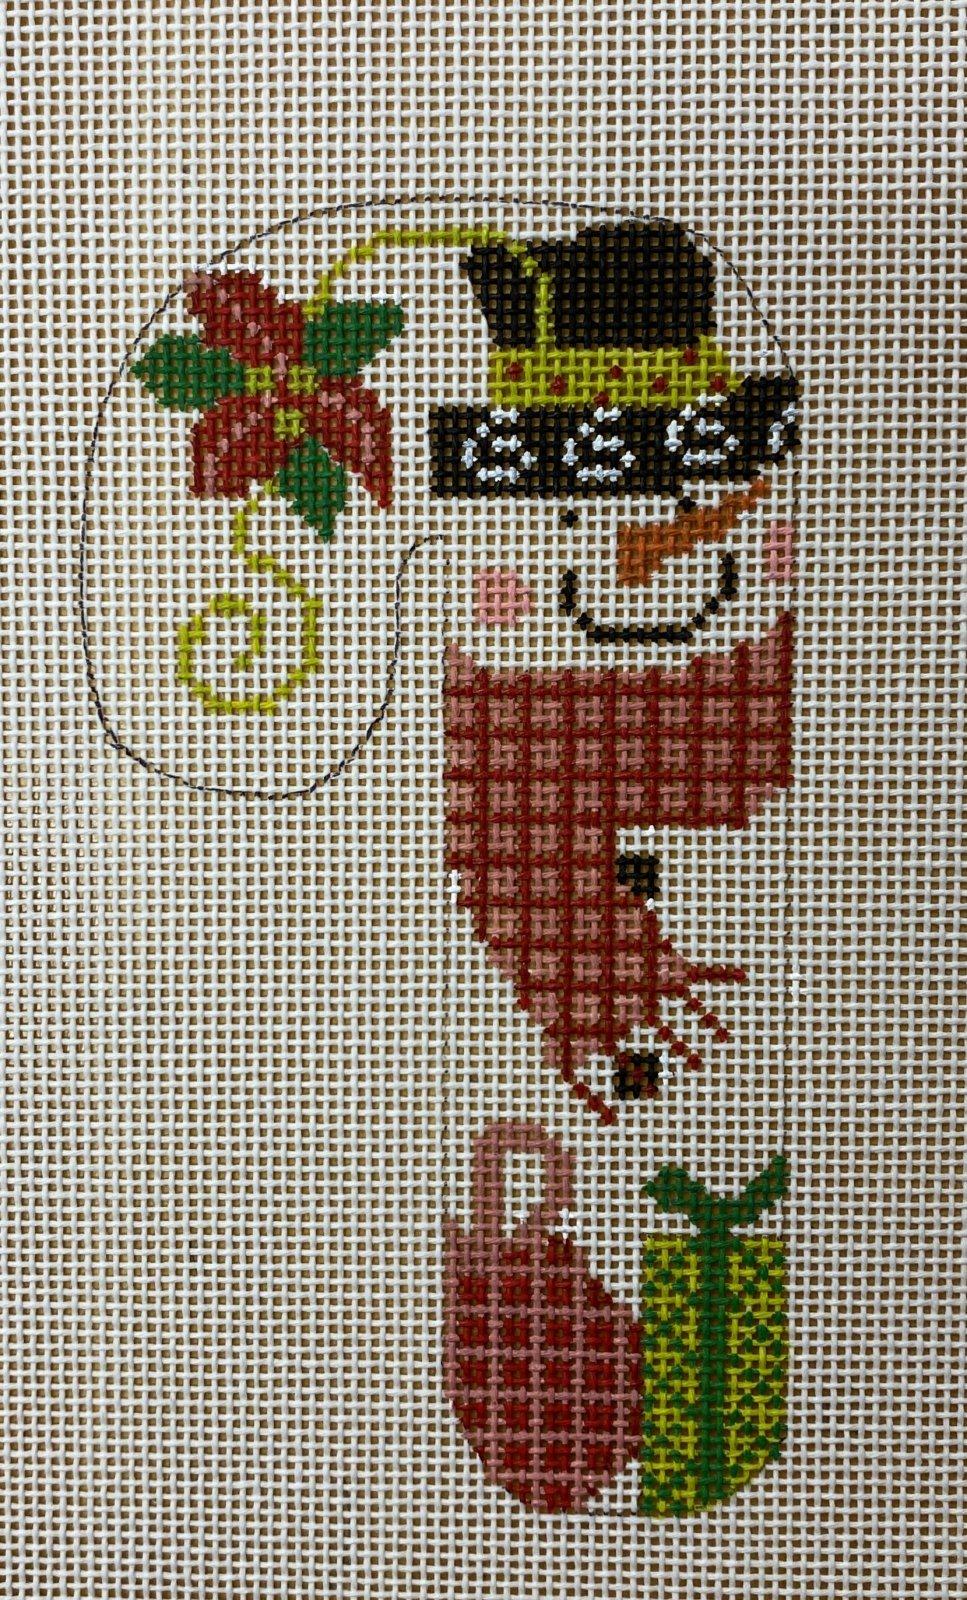 snowman poinsettia candy cane